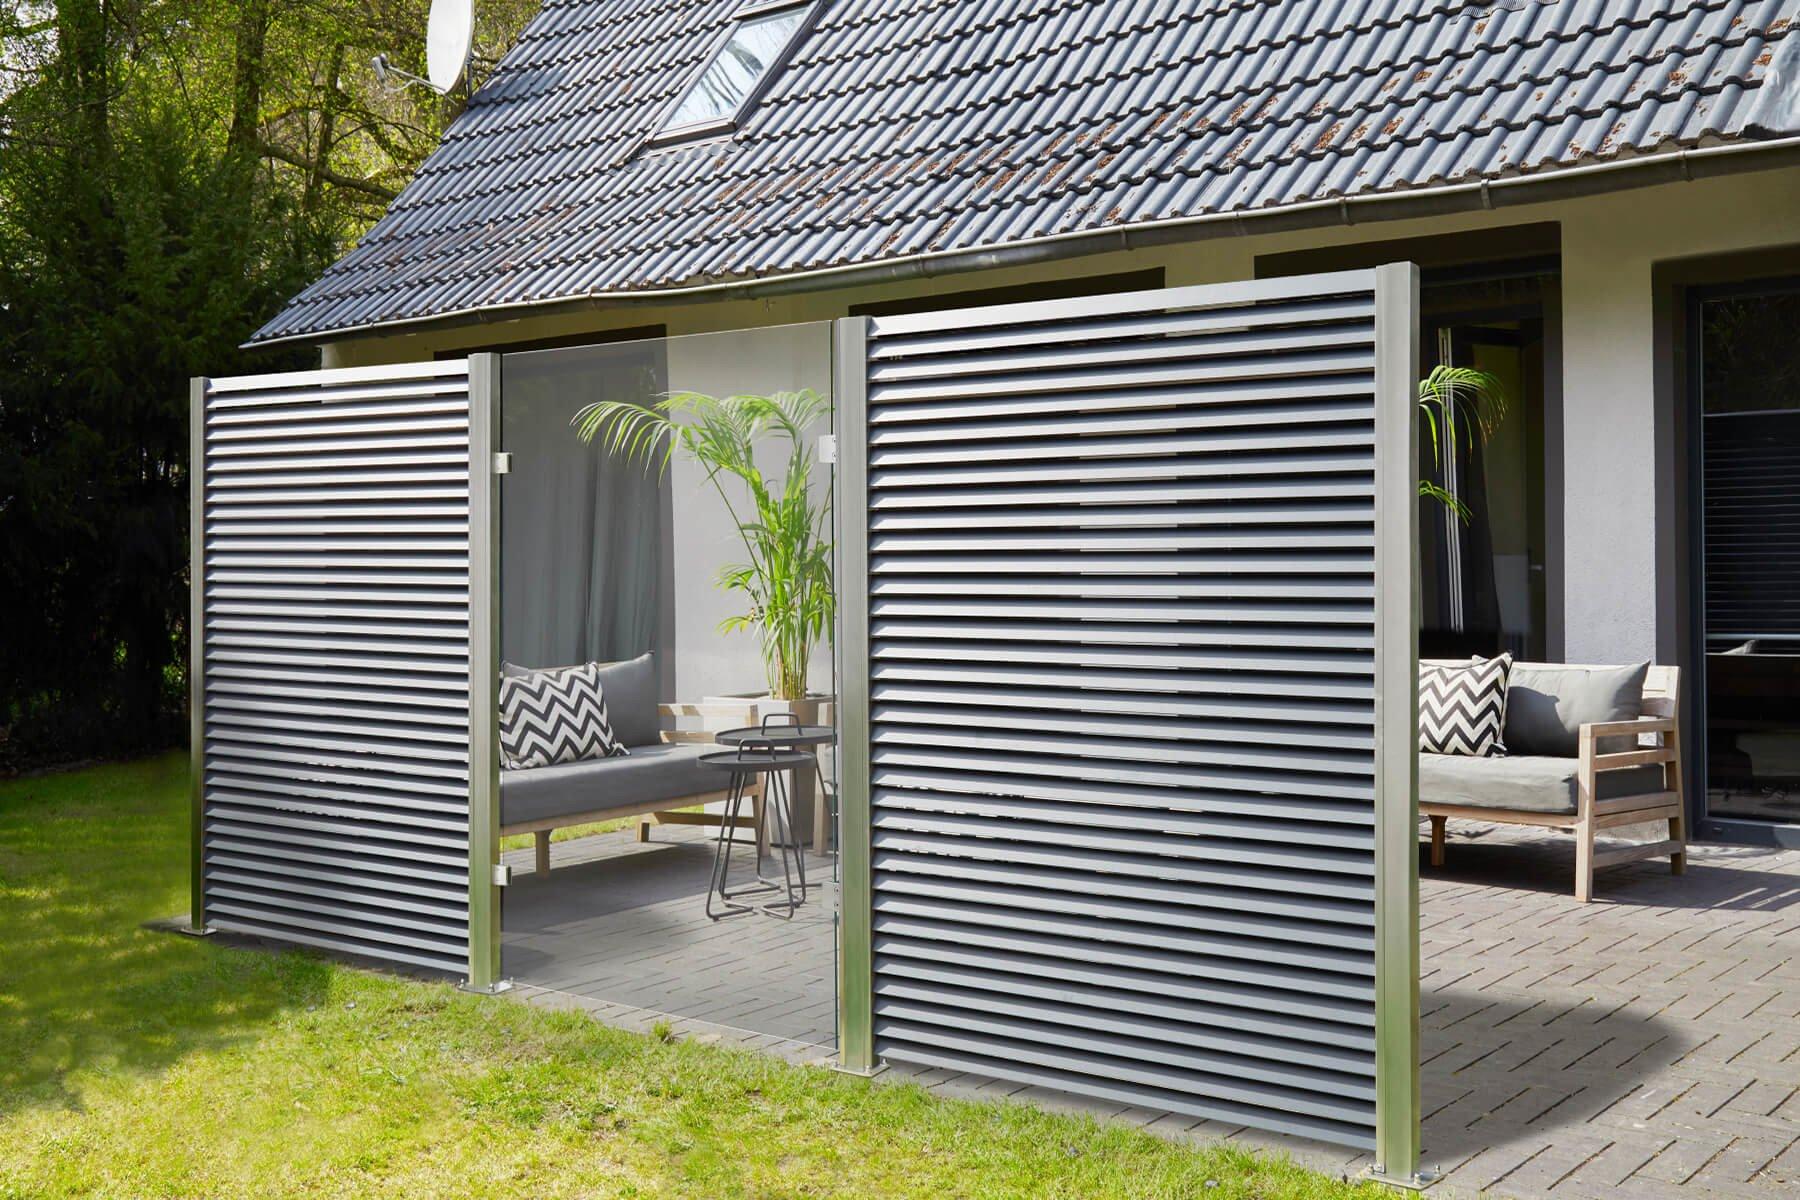 lamellenzaun-porto-kombinierbar-mit-verschiedenen-elementen- Glas-corten-oder-gabionen-ein-highlight-fuer-jede-terrasse-oder-garten- Gezielt-akzente-setzen